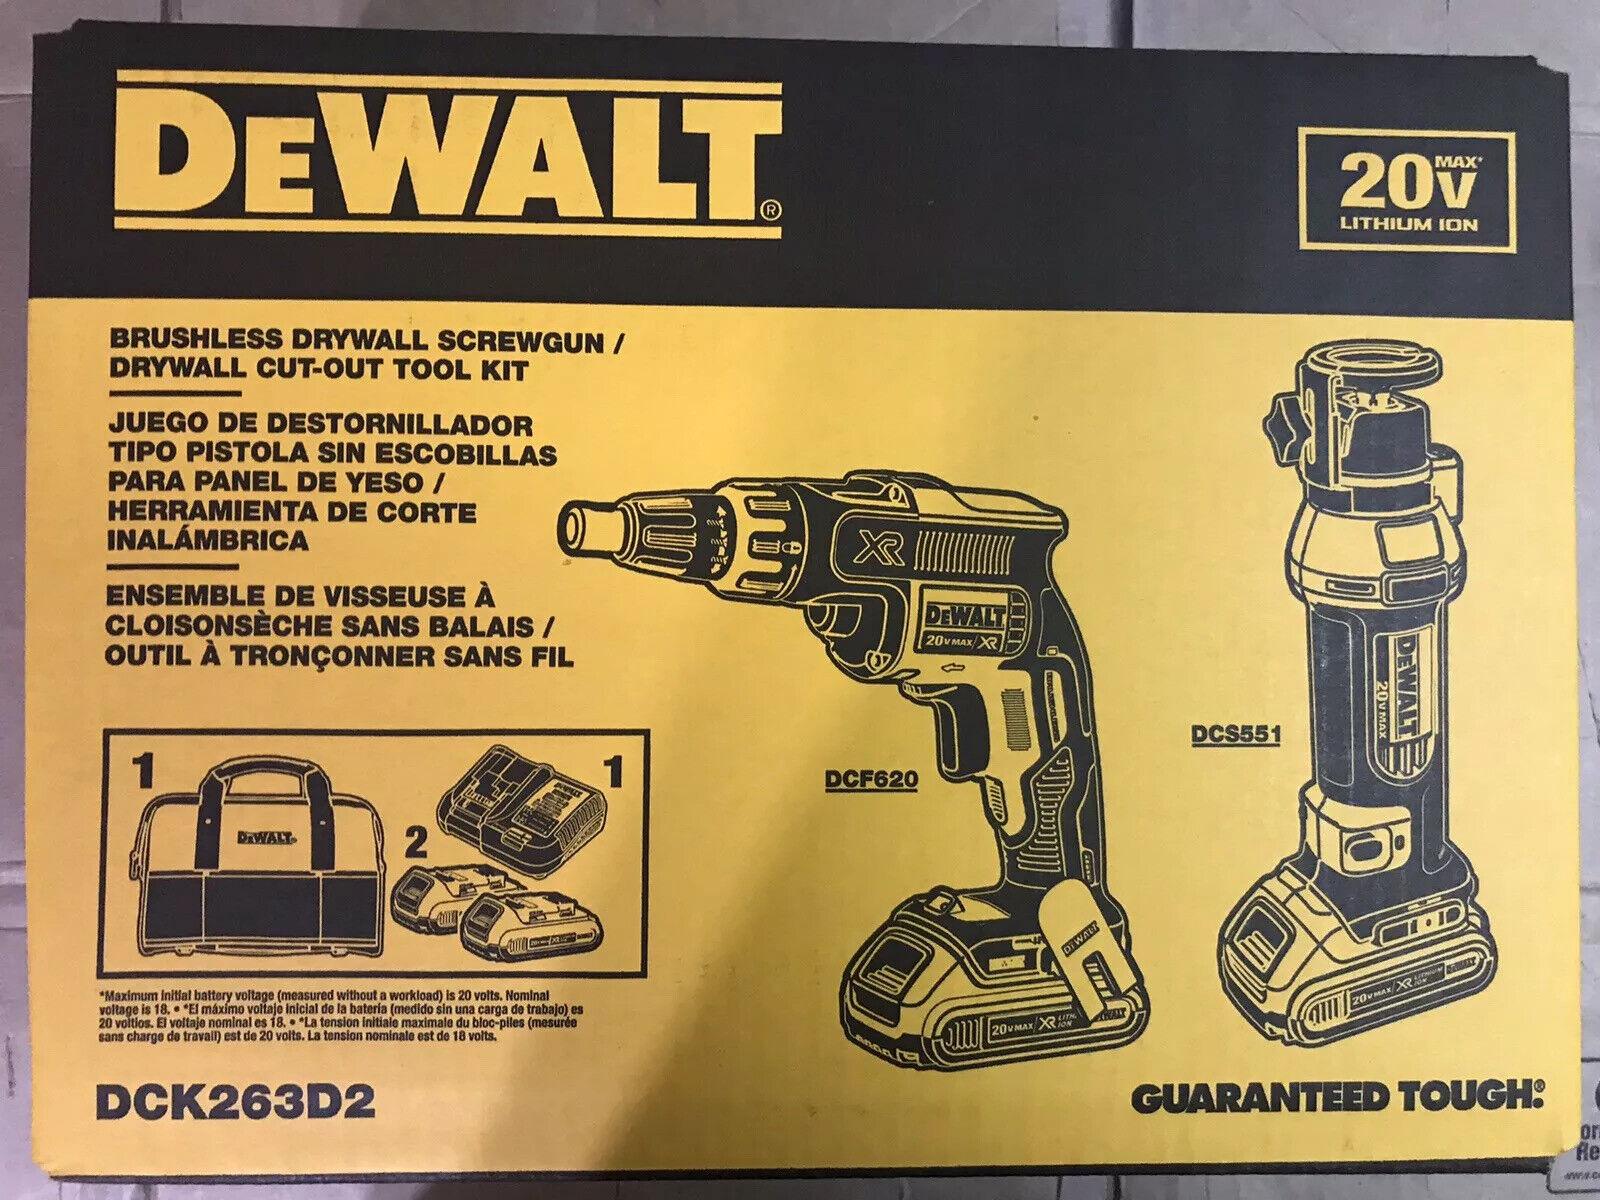 DEWALT DCK263D2 20-Volt MAX XR Drywall Screwgun/Cut-out Tool